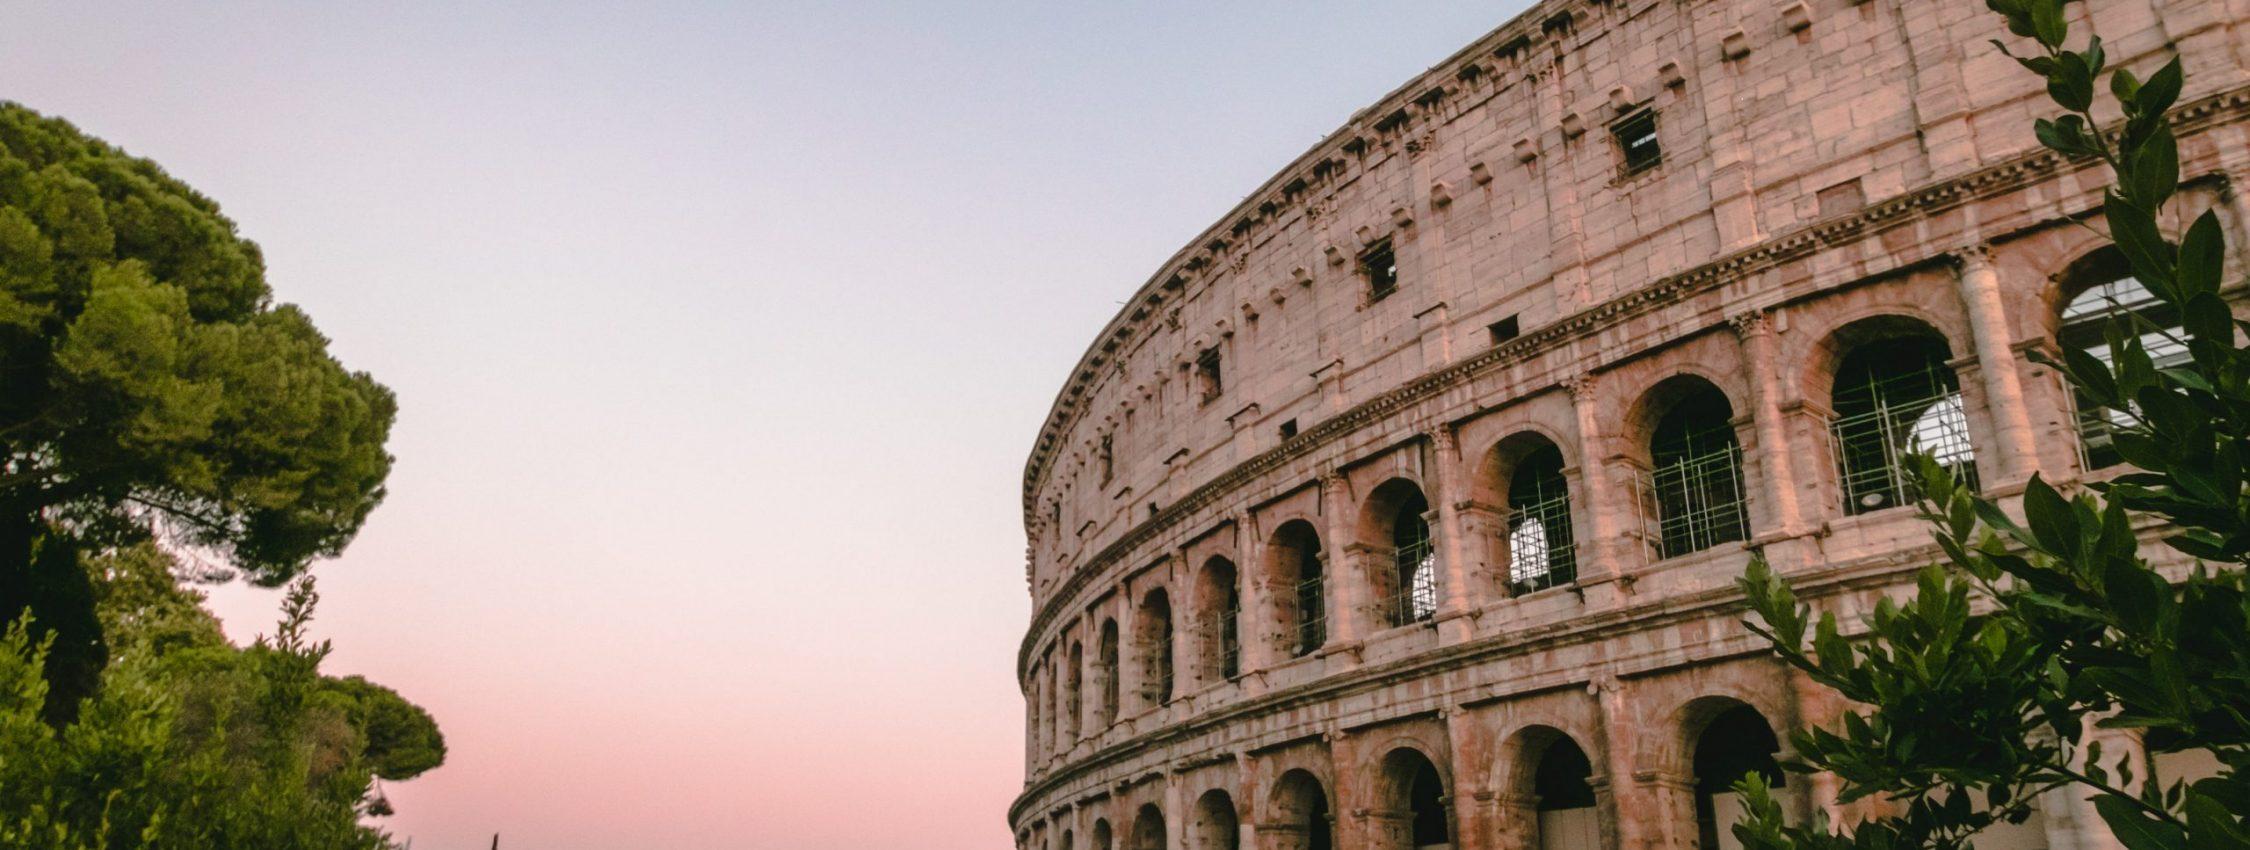 the-coliseum-2958633-1